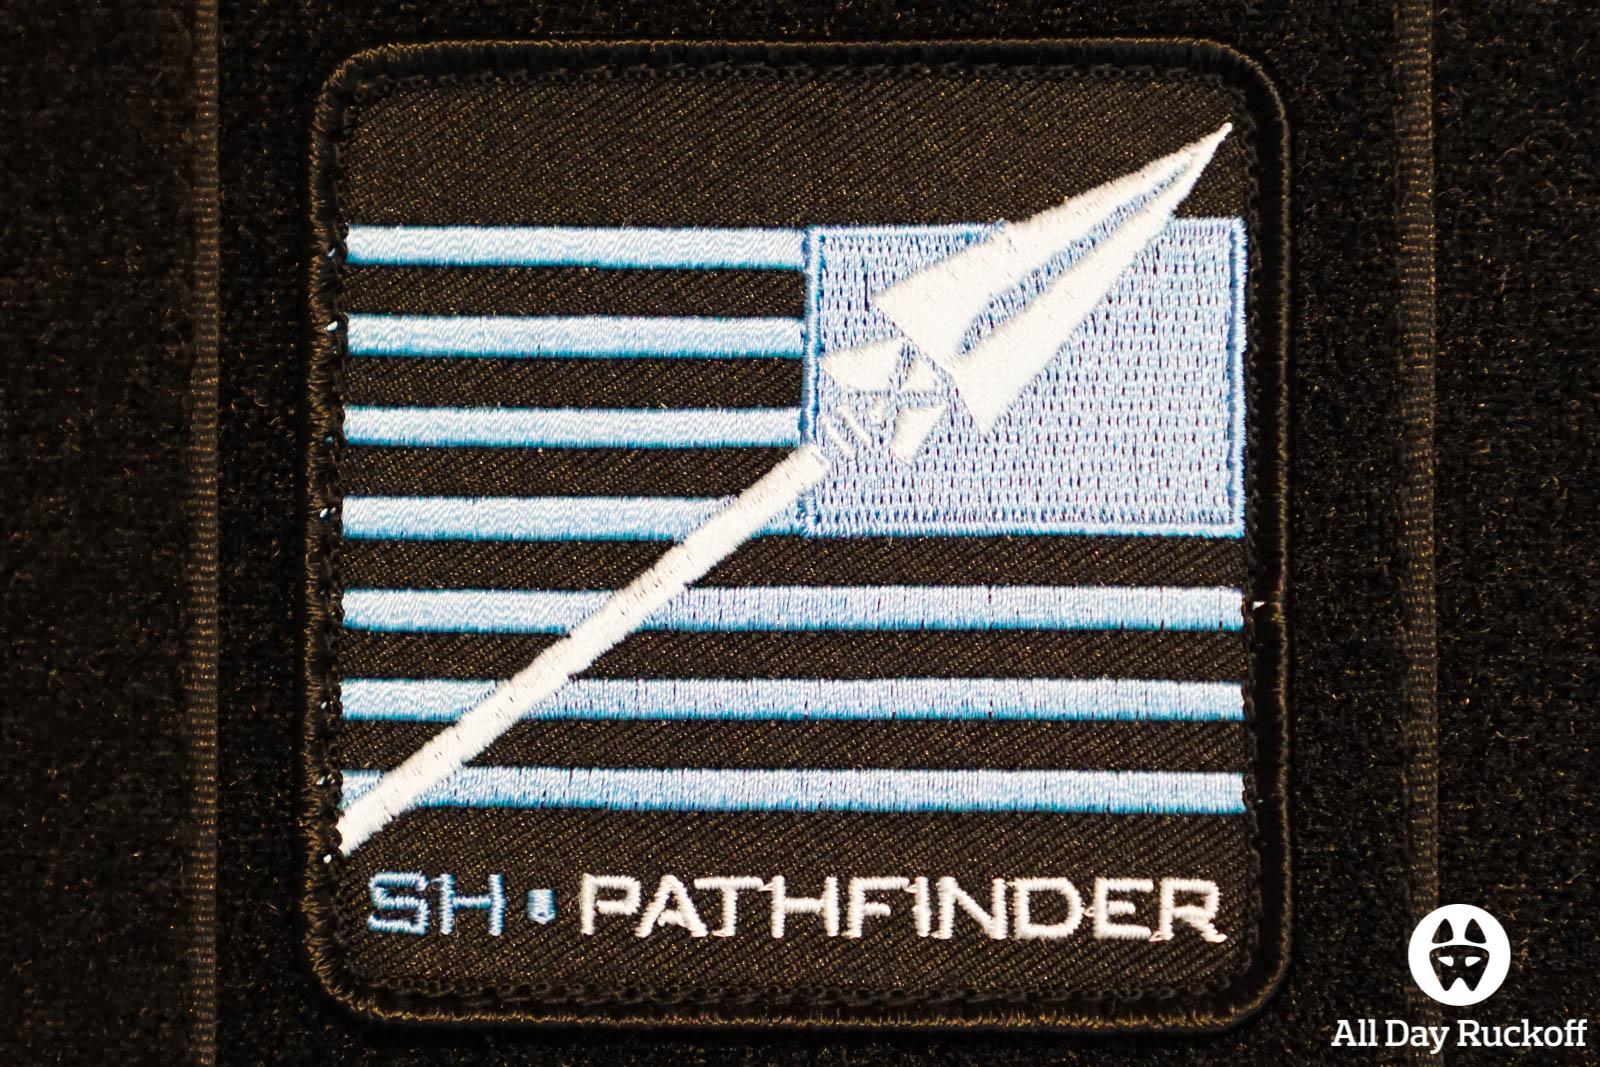 pathfinder-og-patch